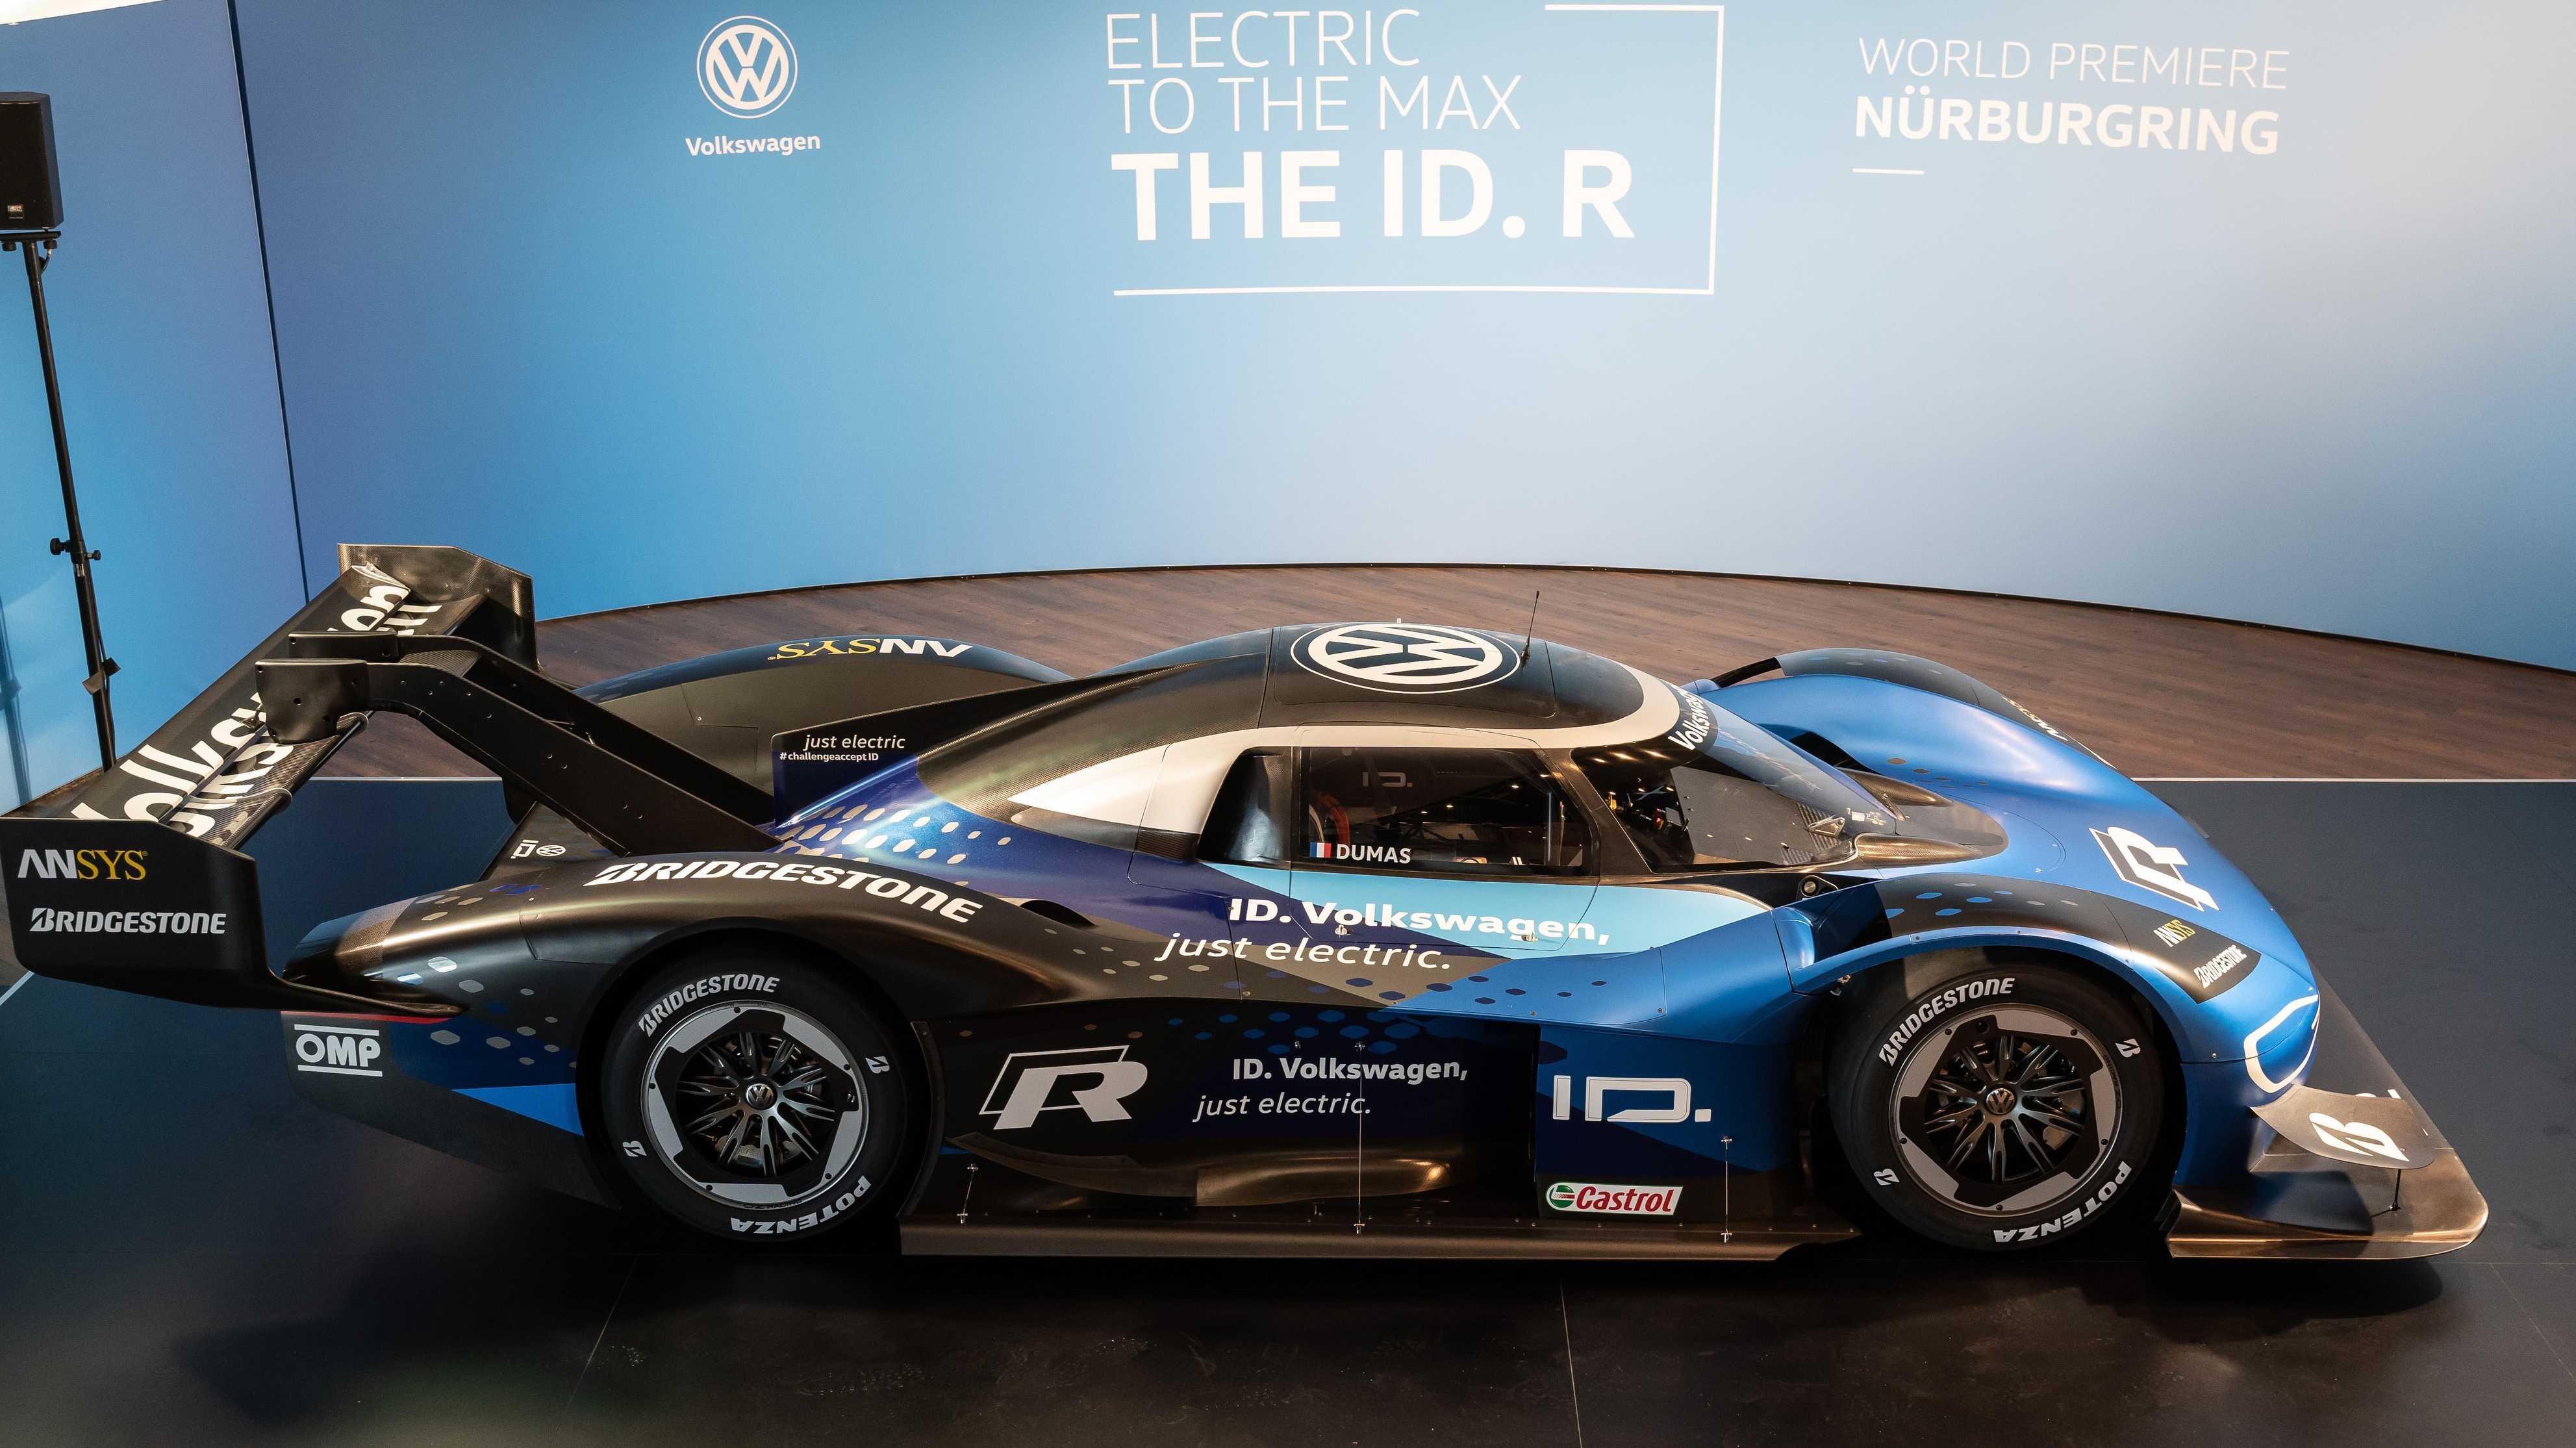 Elektro-Rennwagen VW ID. R soll den Nordschleifen-Rekord brechen